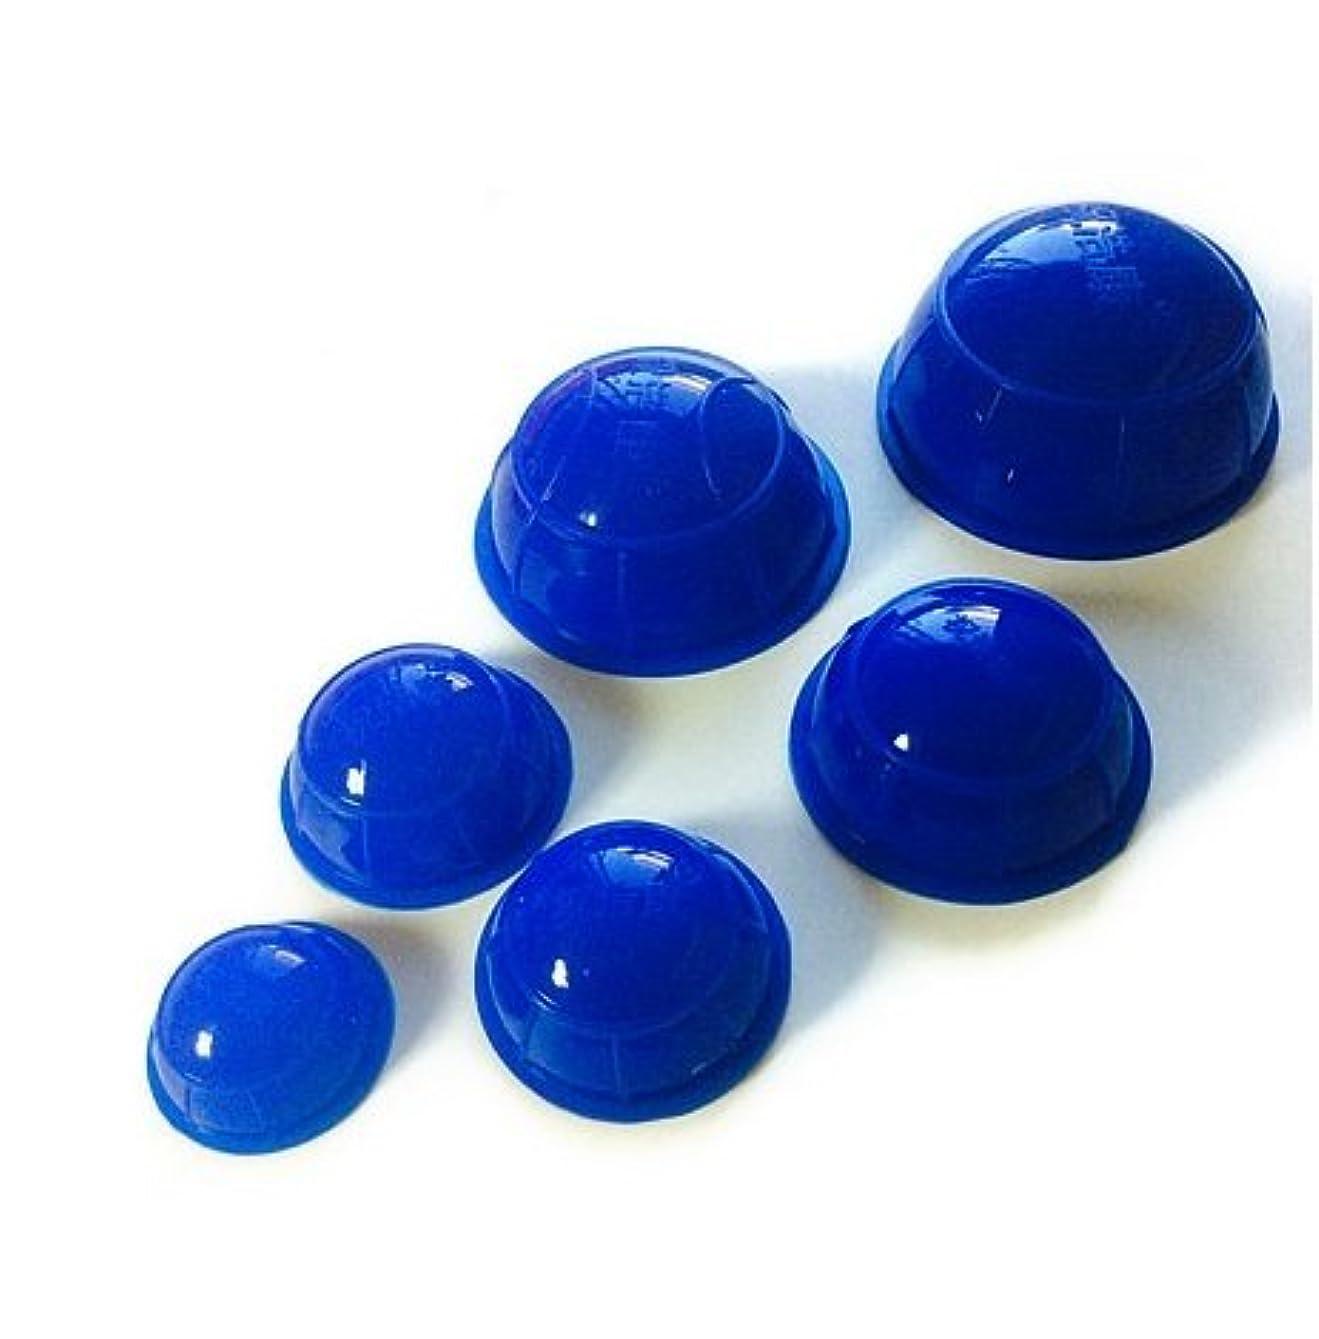 ひいきにするインタフェース所有権簡易 吸い玉6個セット ブルー 大中小5種類の大きさ